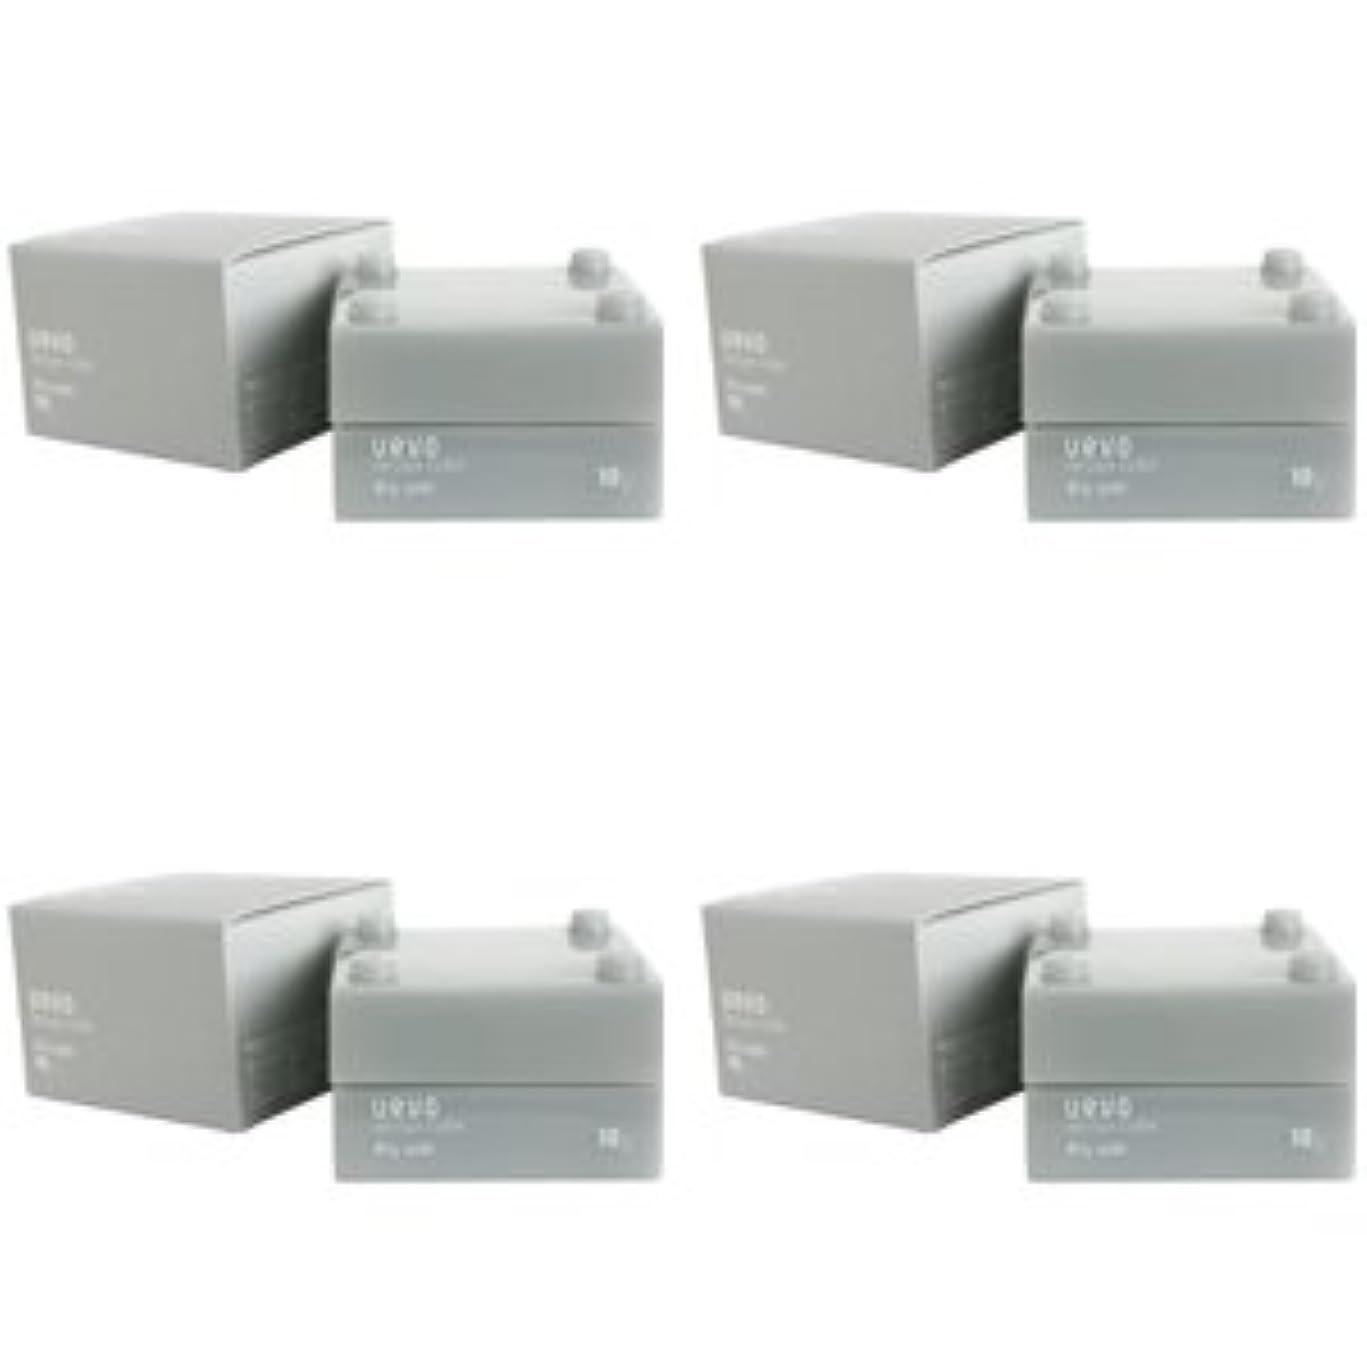 スナッチ実験をするねじれ【X4個セット】 デミ ウェーボ デザインキューブ ドライワックス 30g dry wax DEMI uevo design cube